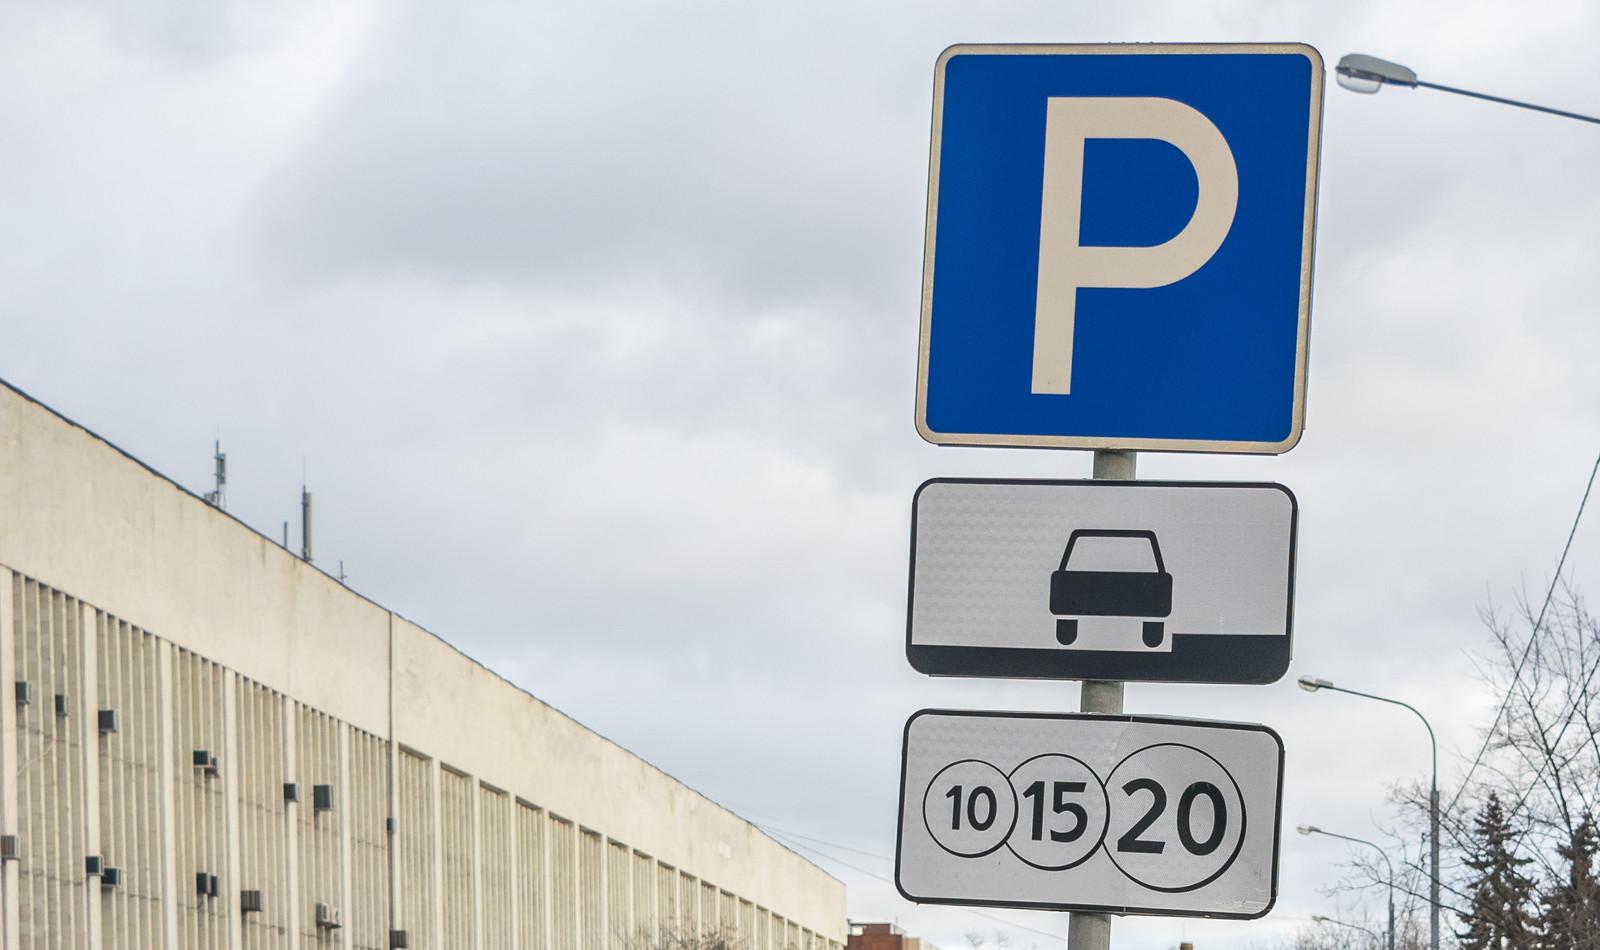 МВД настаивает на уменьшении высокоскоростного лимита в столице